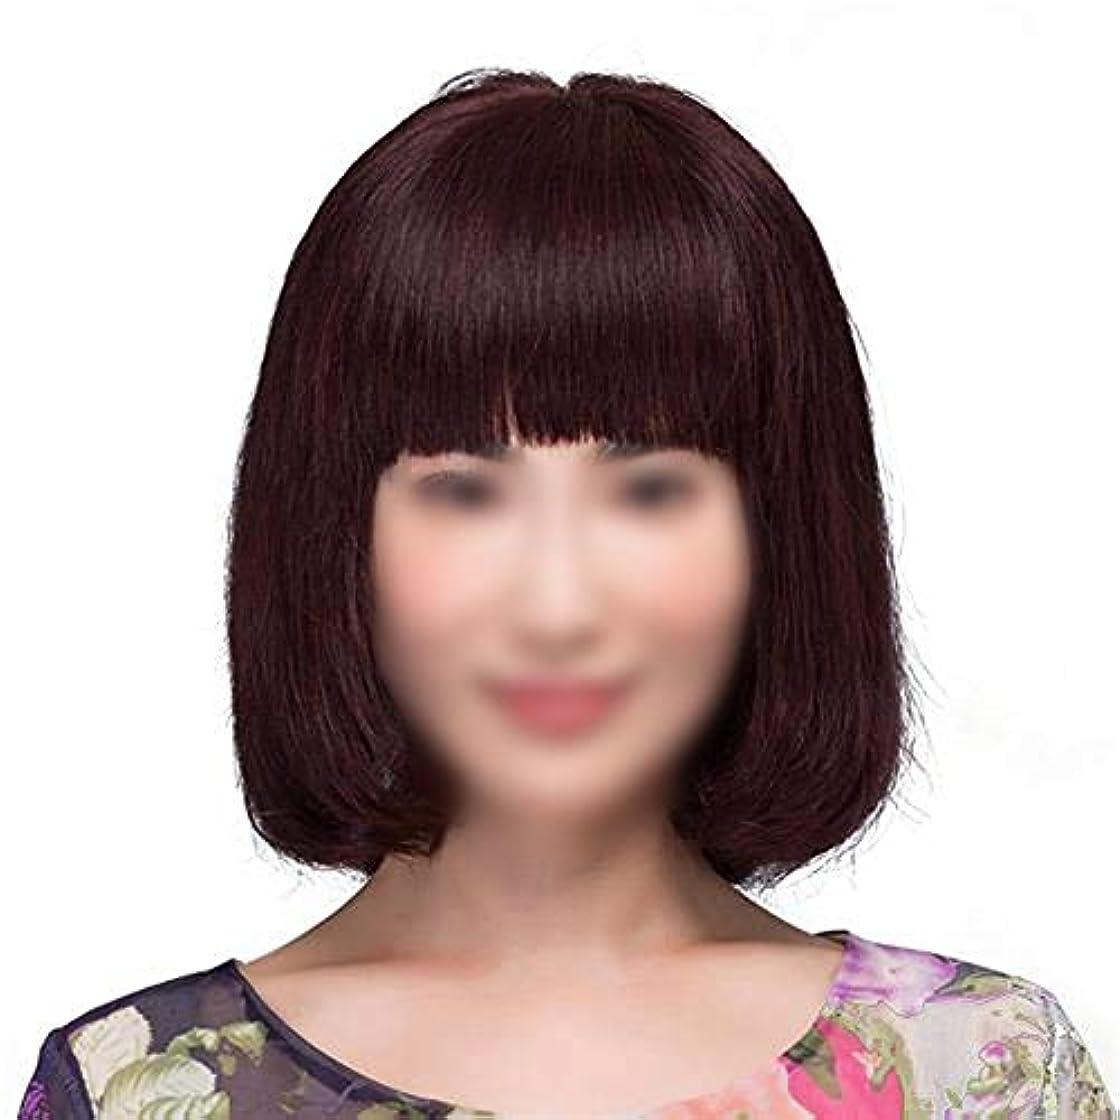 法廷履歴書ジョットディボンドンYOUQIU 女子ショートストレートヘアーボブウィッグレアル髪ふわふわナチュラル鎖骨Hairdailyドレスウィッグ (色 : Dark brown)